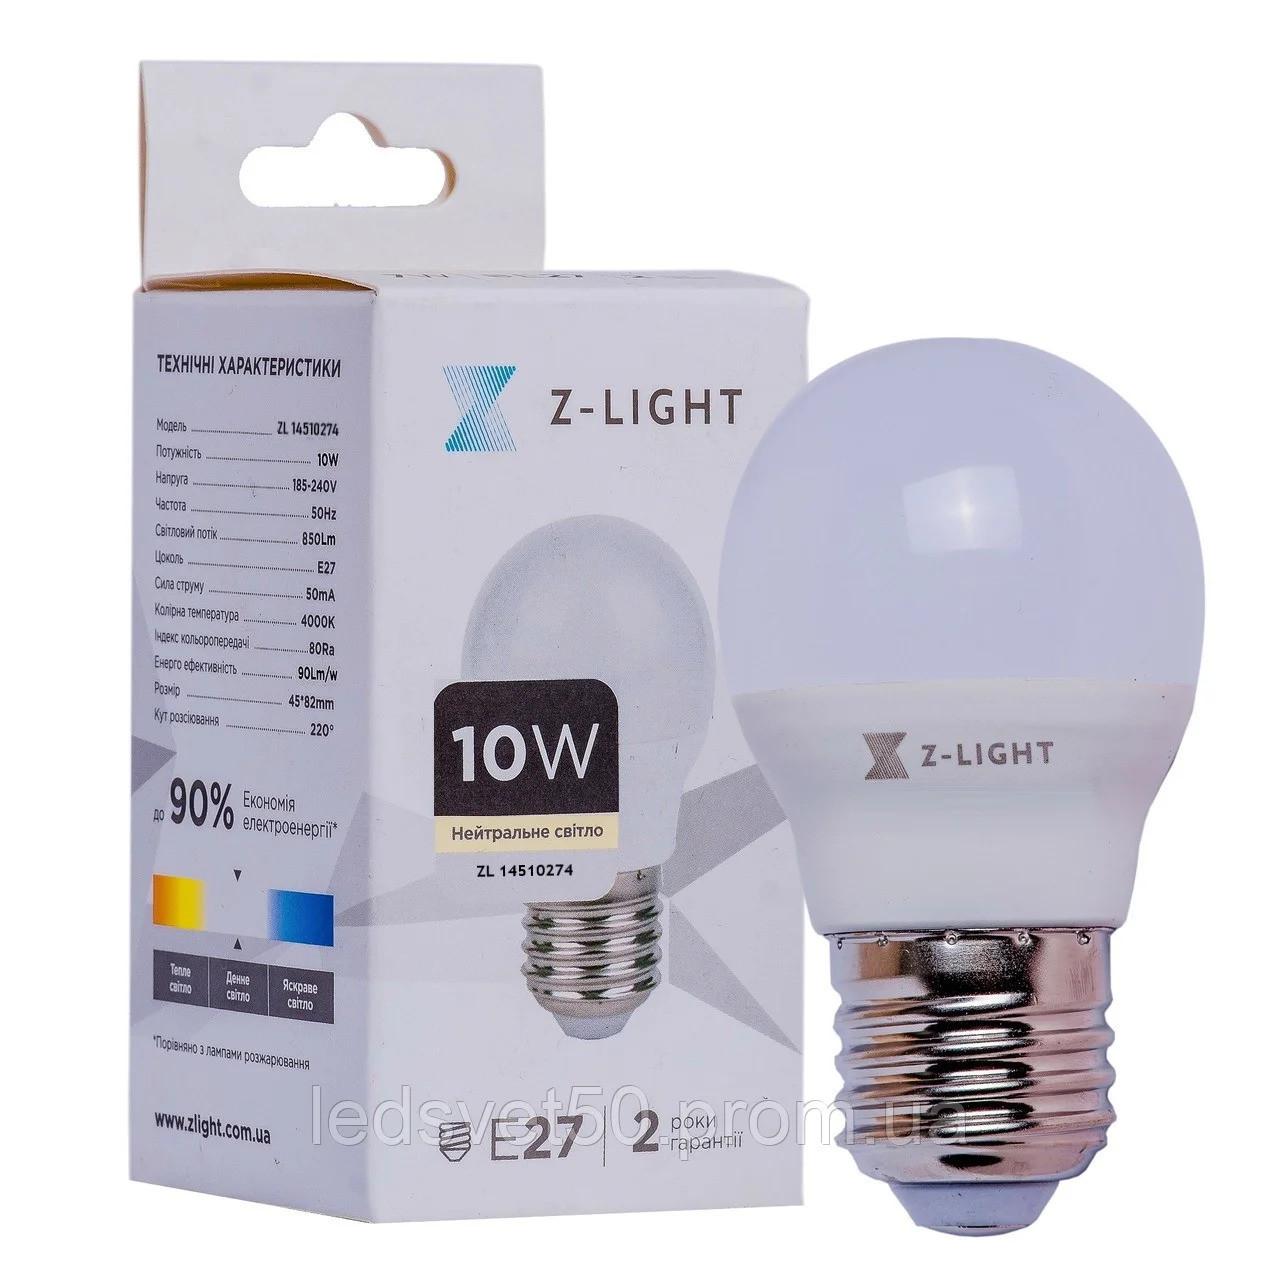 Светодиодная лампа 10W Z-LIGHT 1001 шарик G45 Е27 4000K (нейтральный свет)